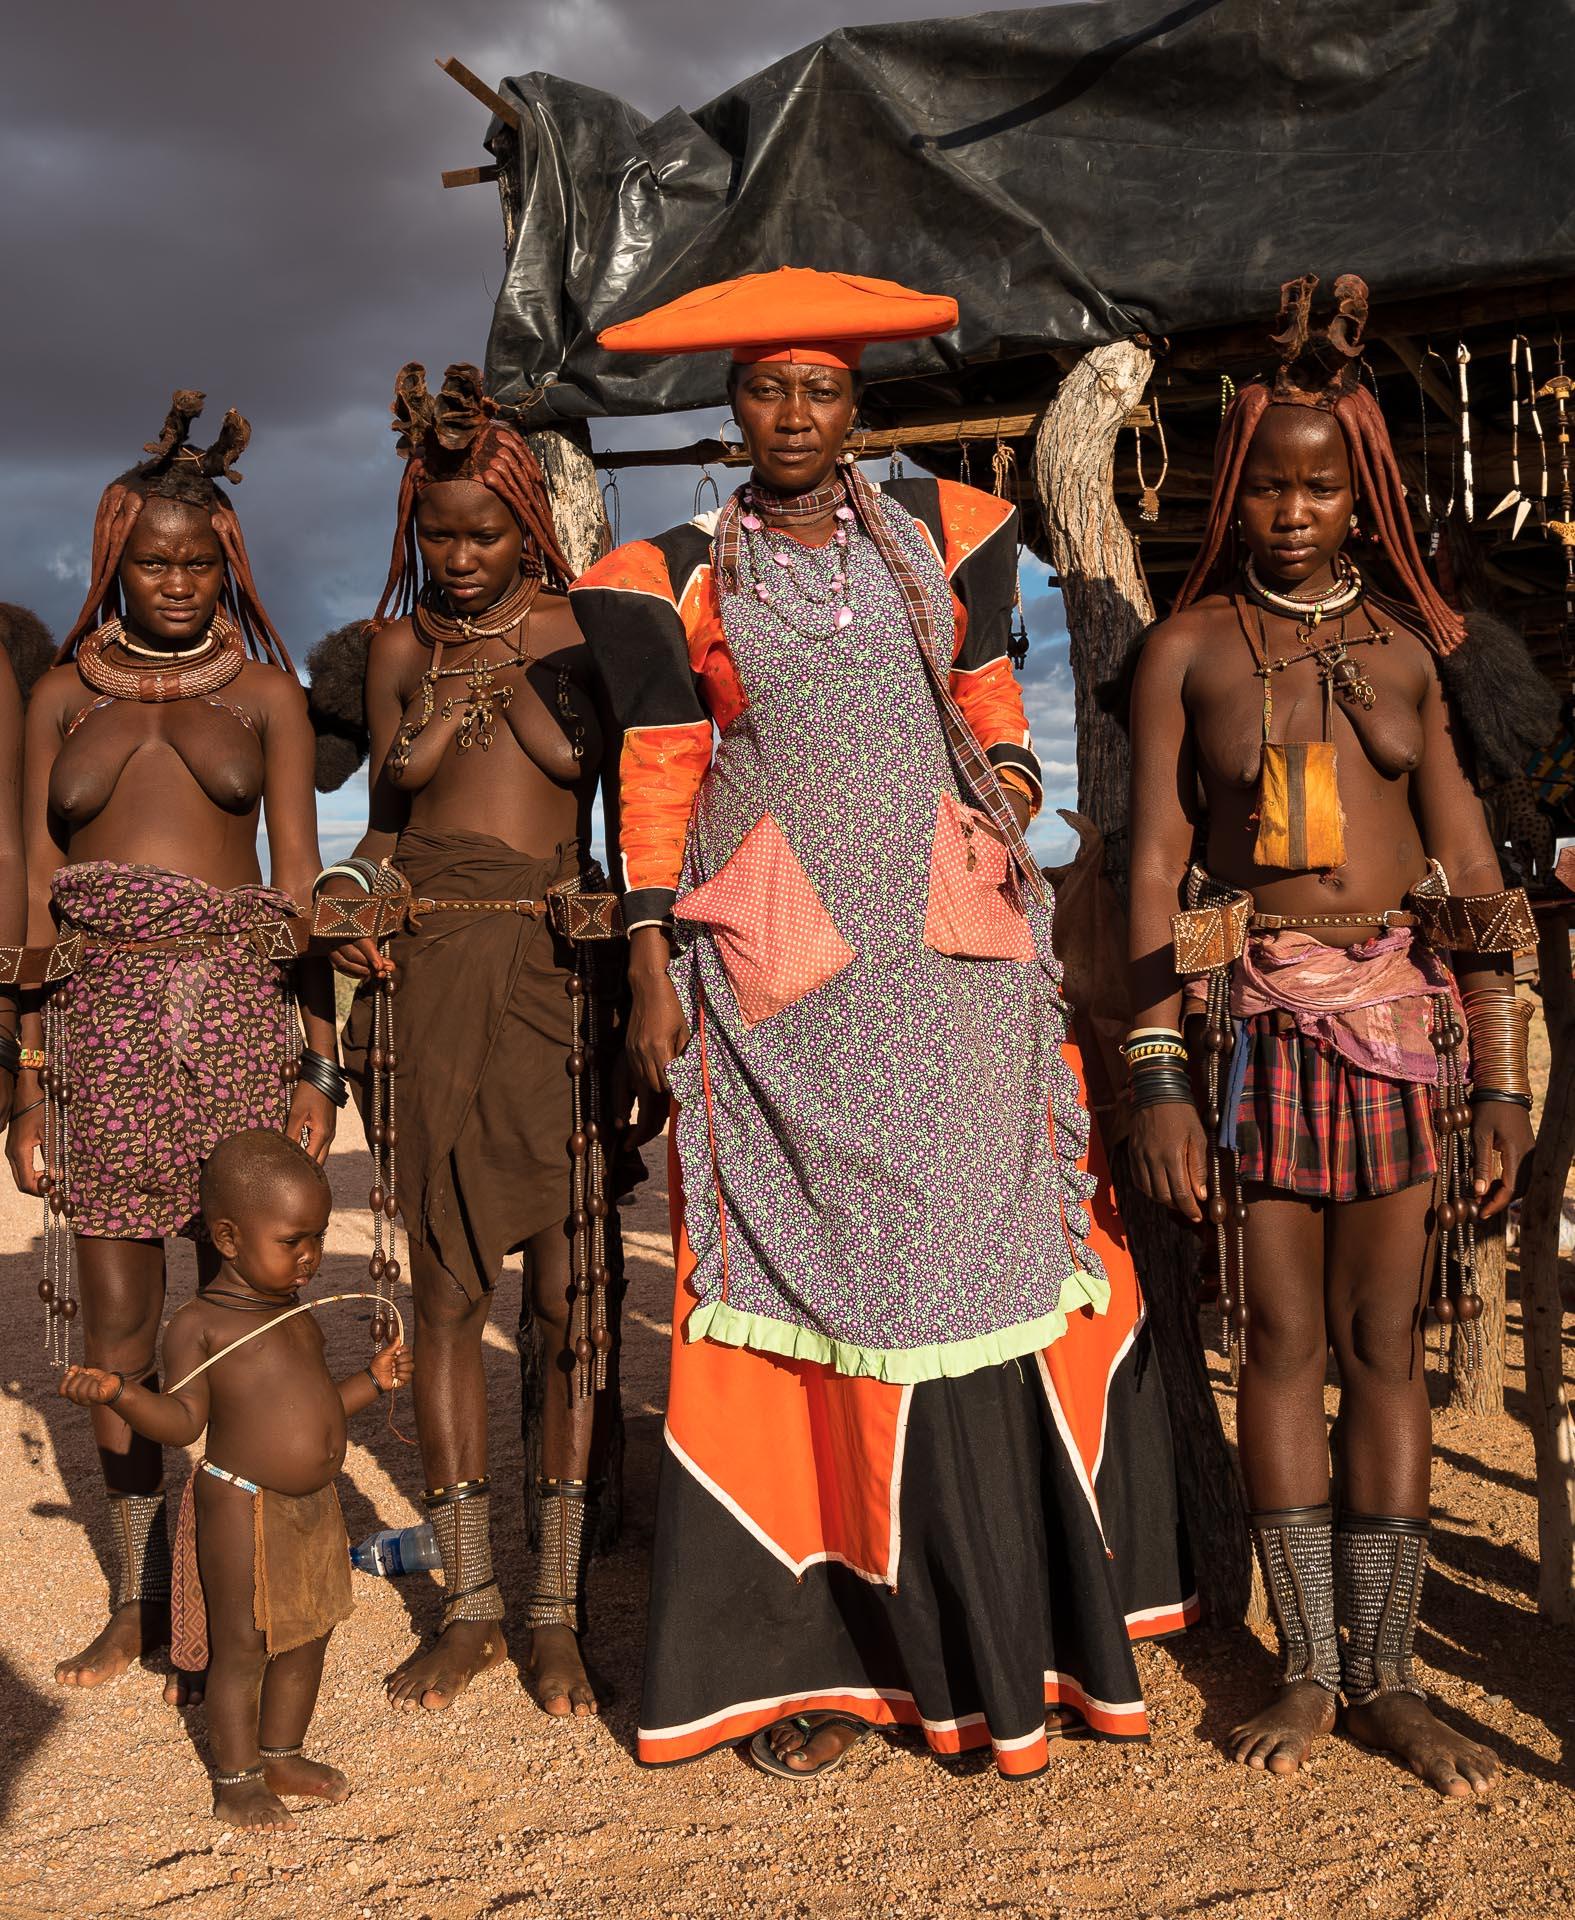 Herrero Woman with Himba Women, Namibia